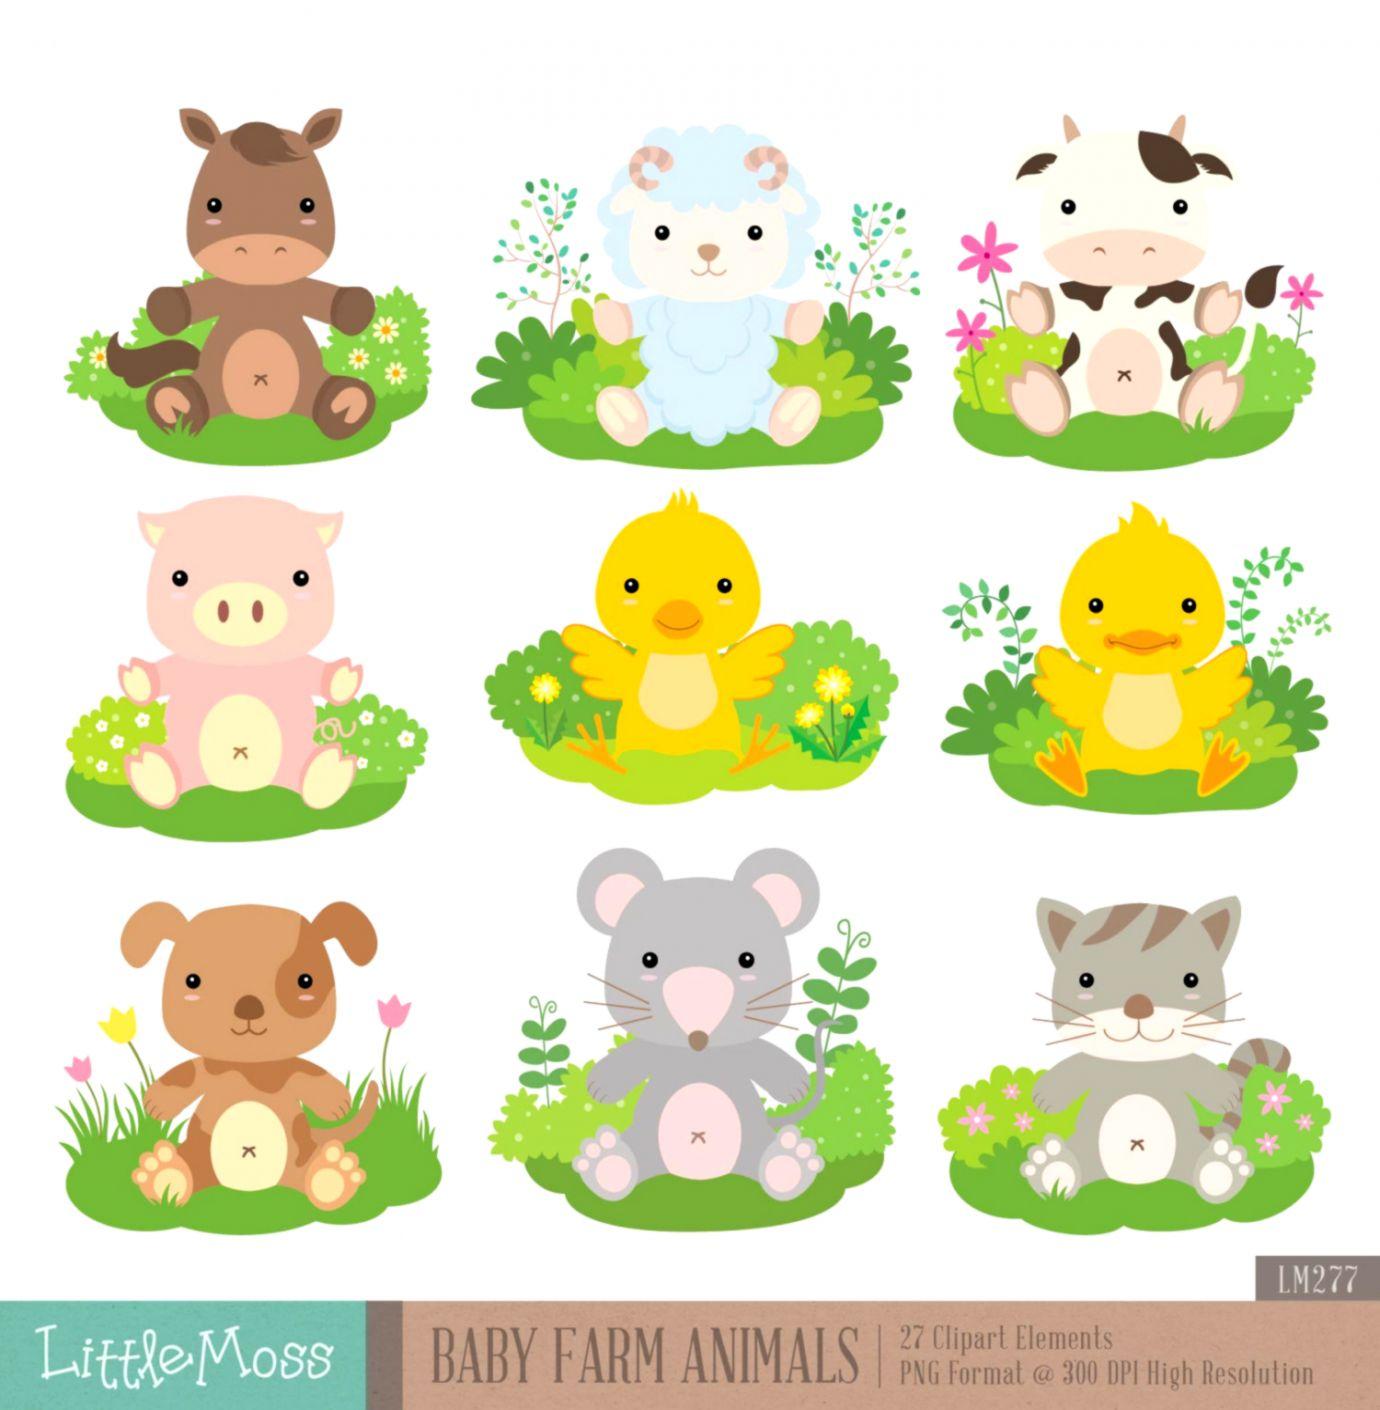 Baby Farm Animal Clipart.